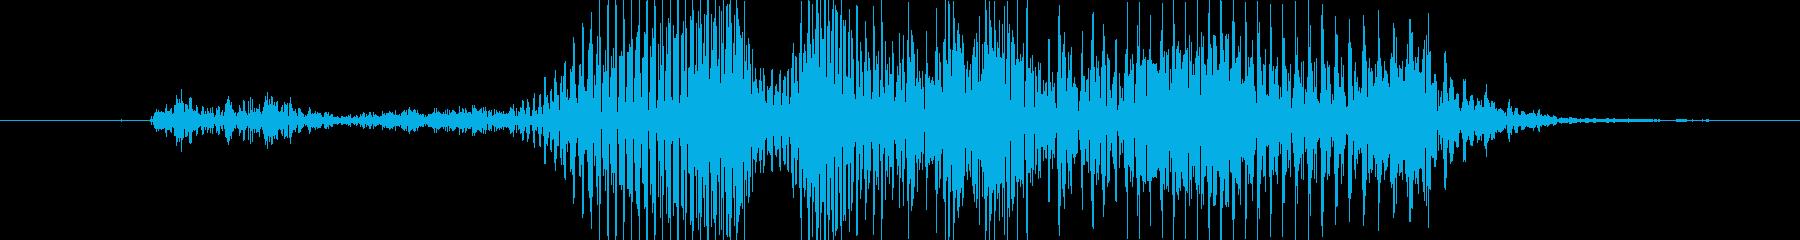 コラ!の再生済みの波形